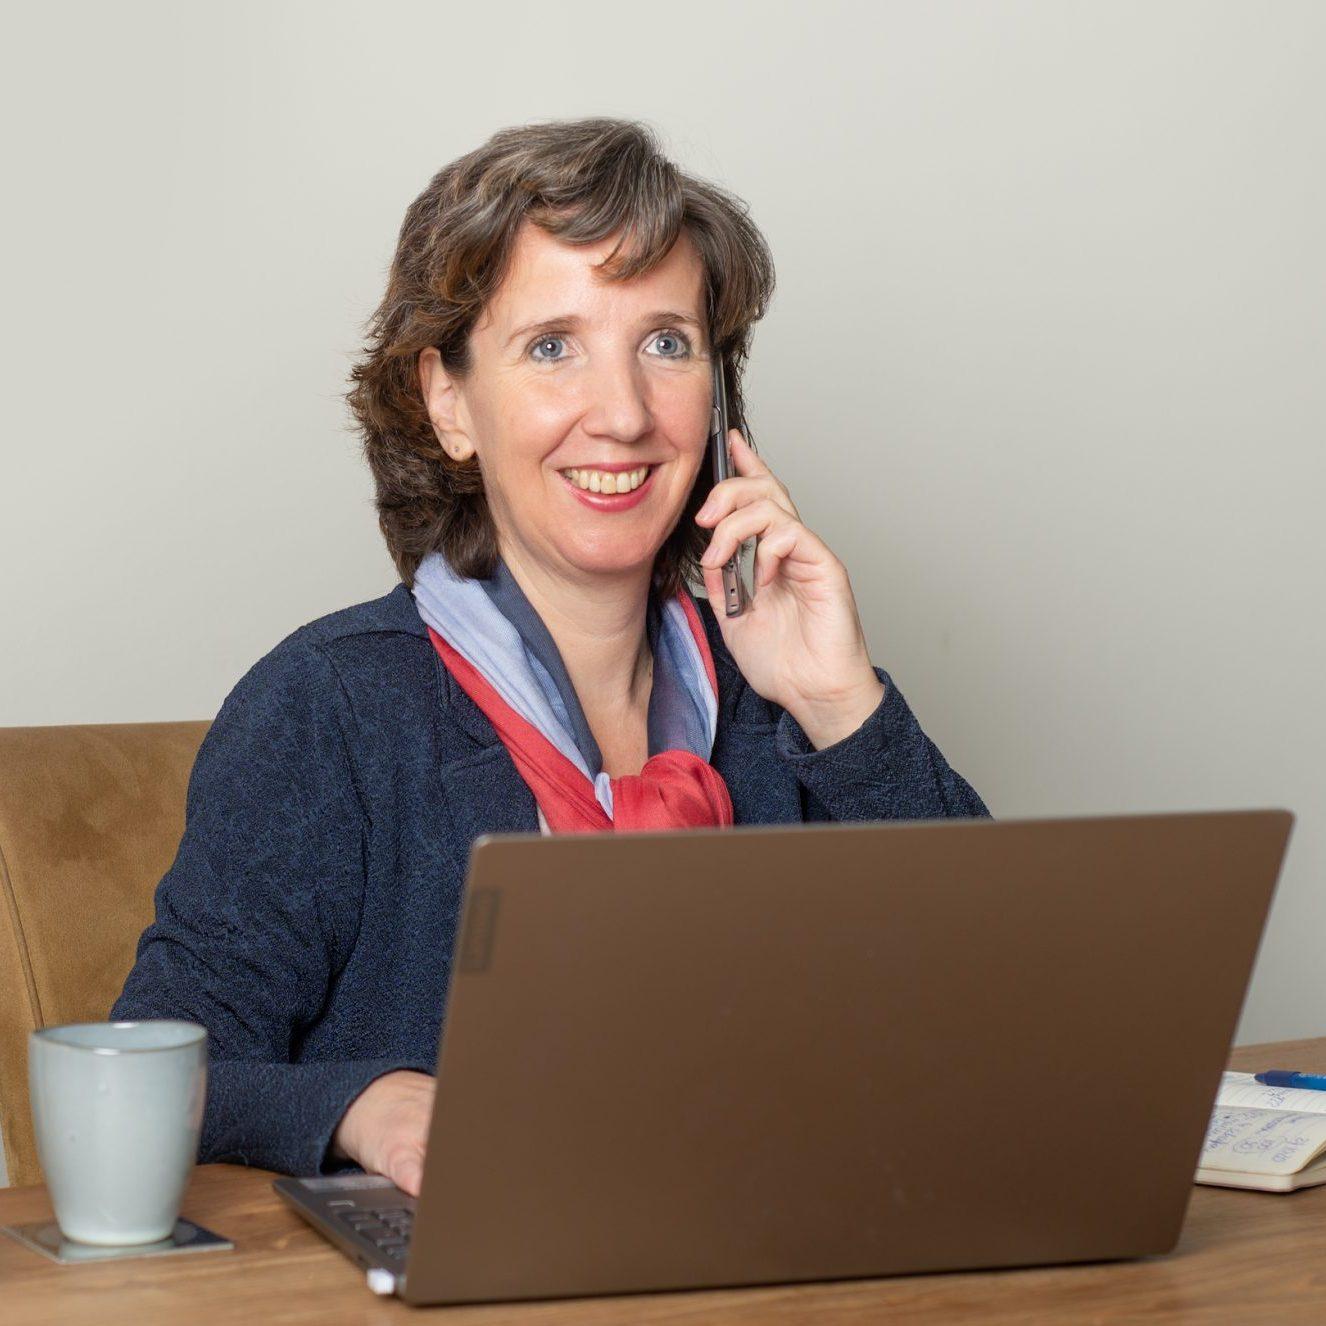 Marielle Obels bij PC met telefoon